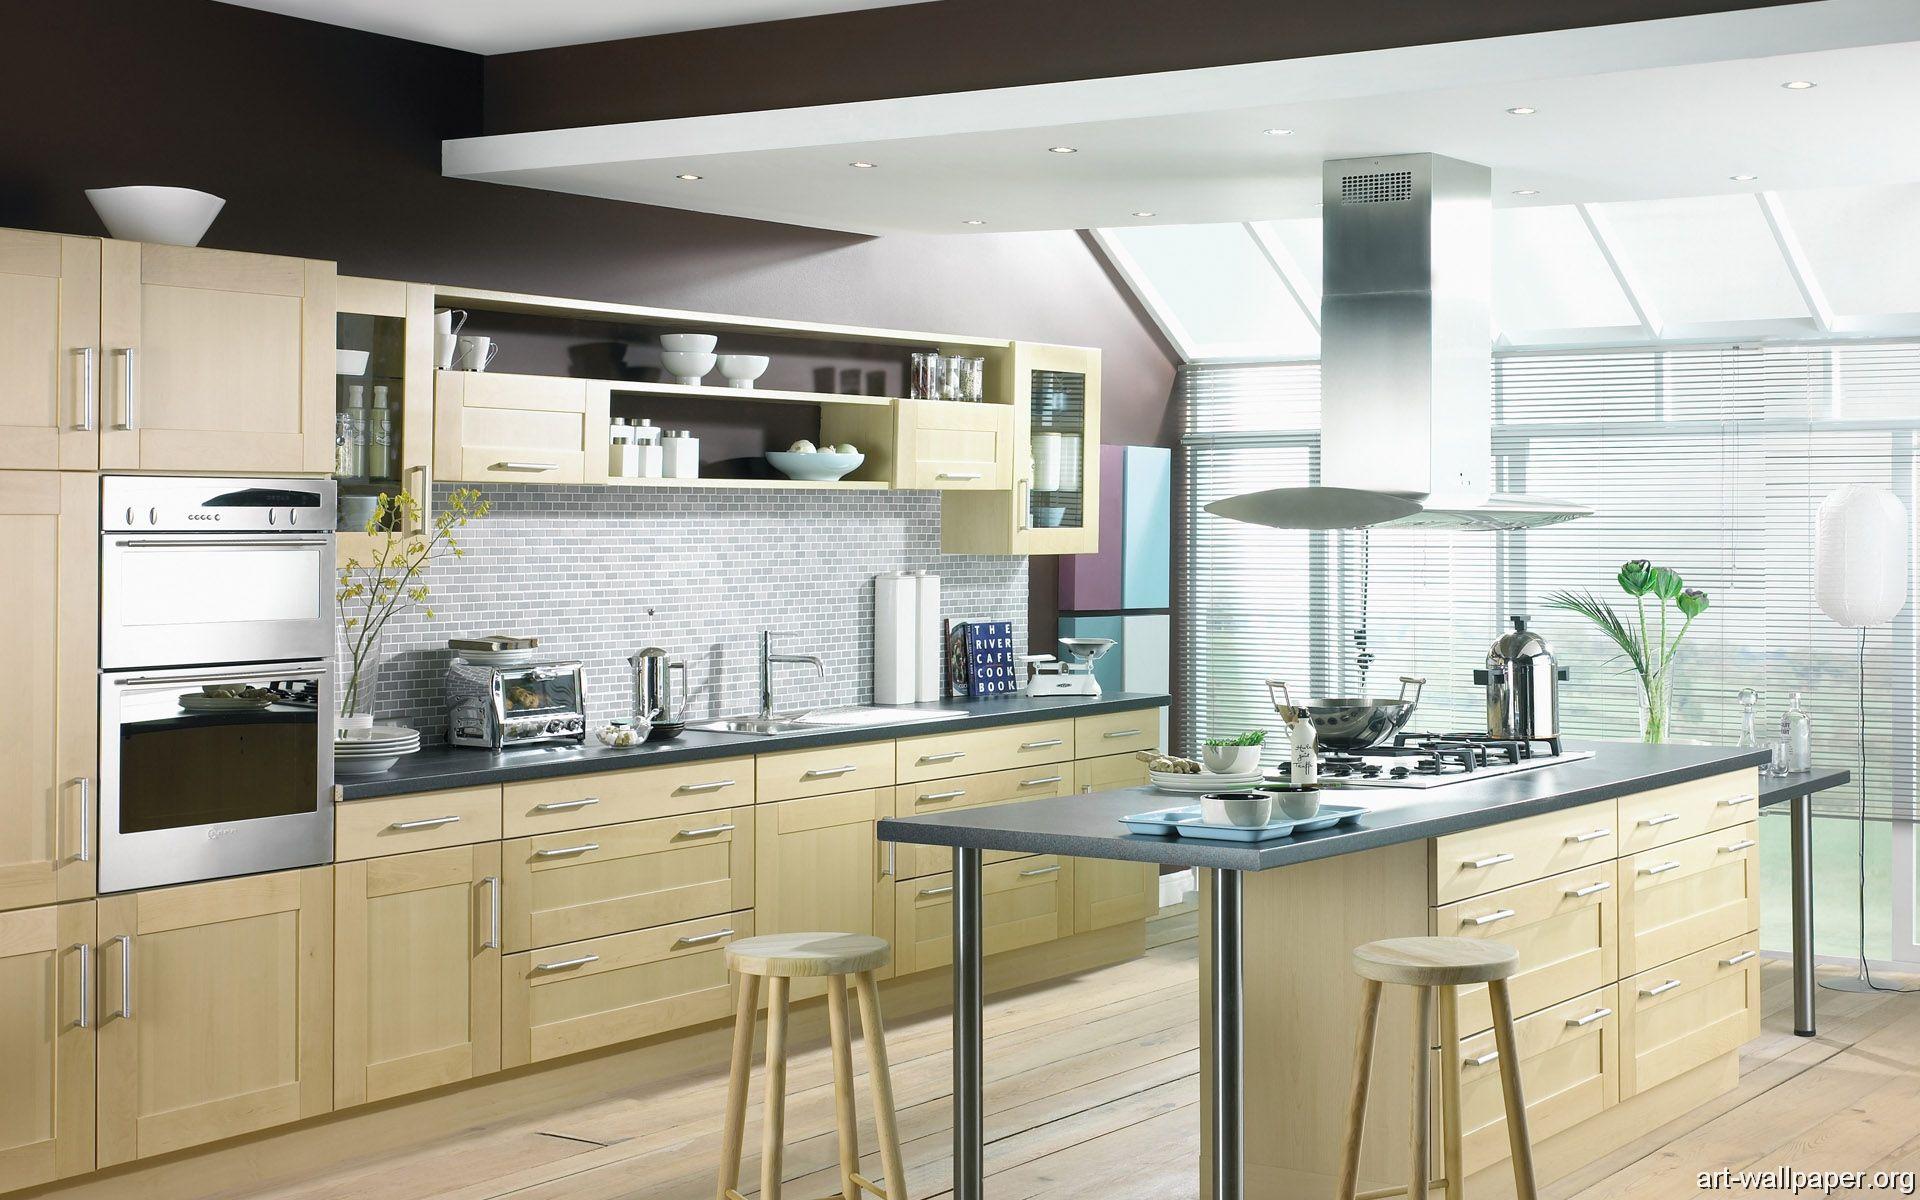 conservatory kitchen   Modern kitchen design, Kitchen design small ...